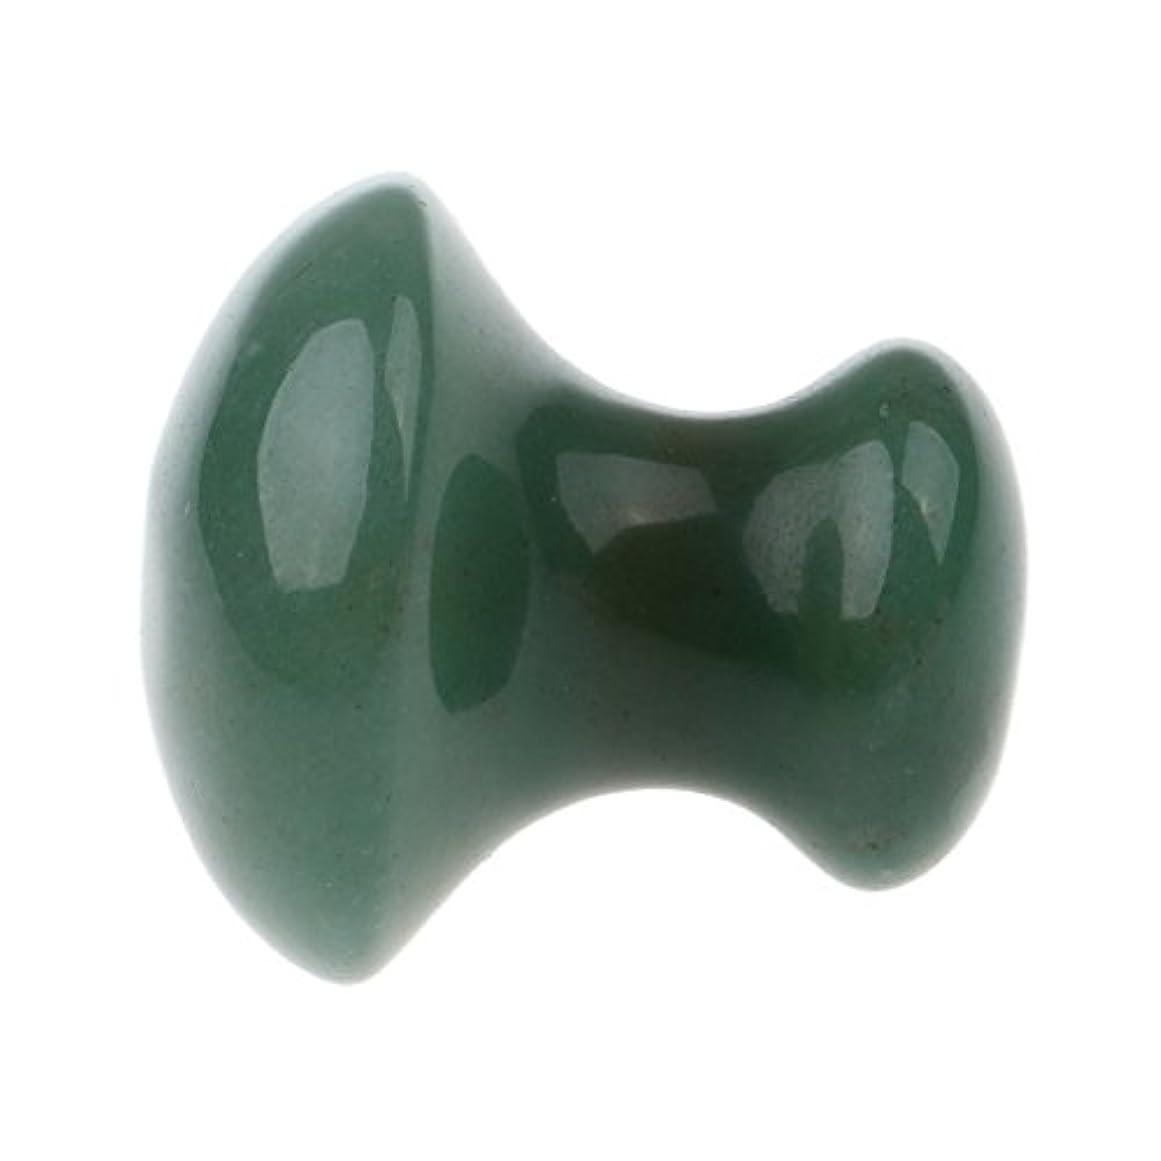 グローブ広いフレットPerfk マッサージストーン 石 ストーン 美容 マッシュルーム スキンケア 2色選べる - 緑